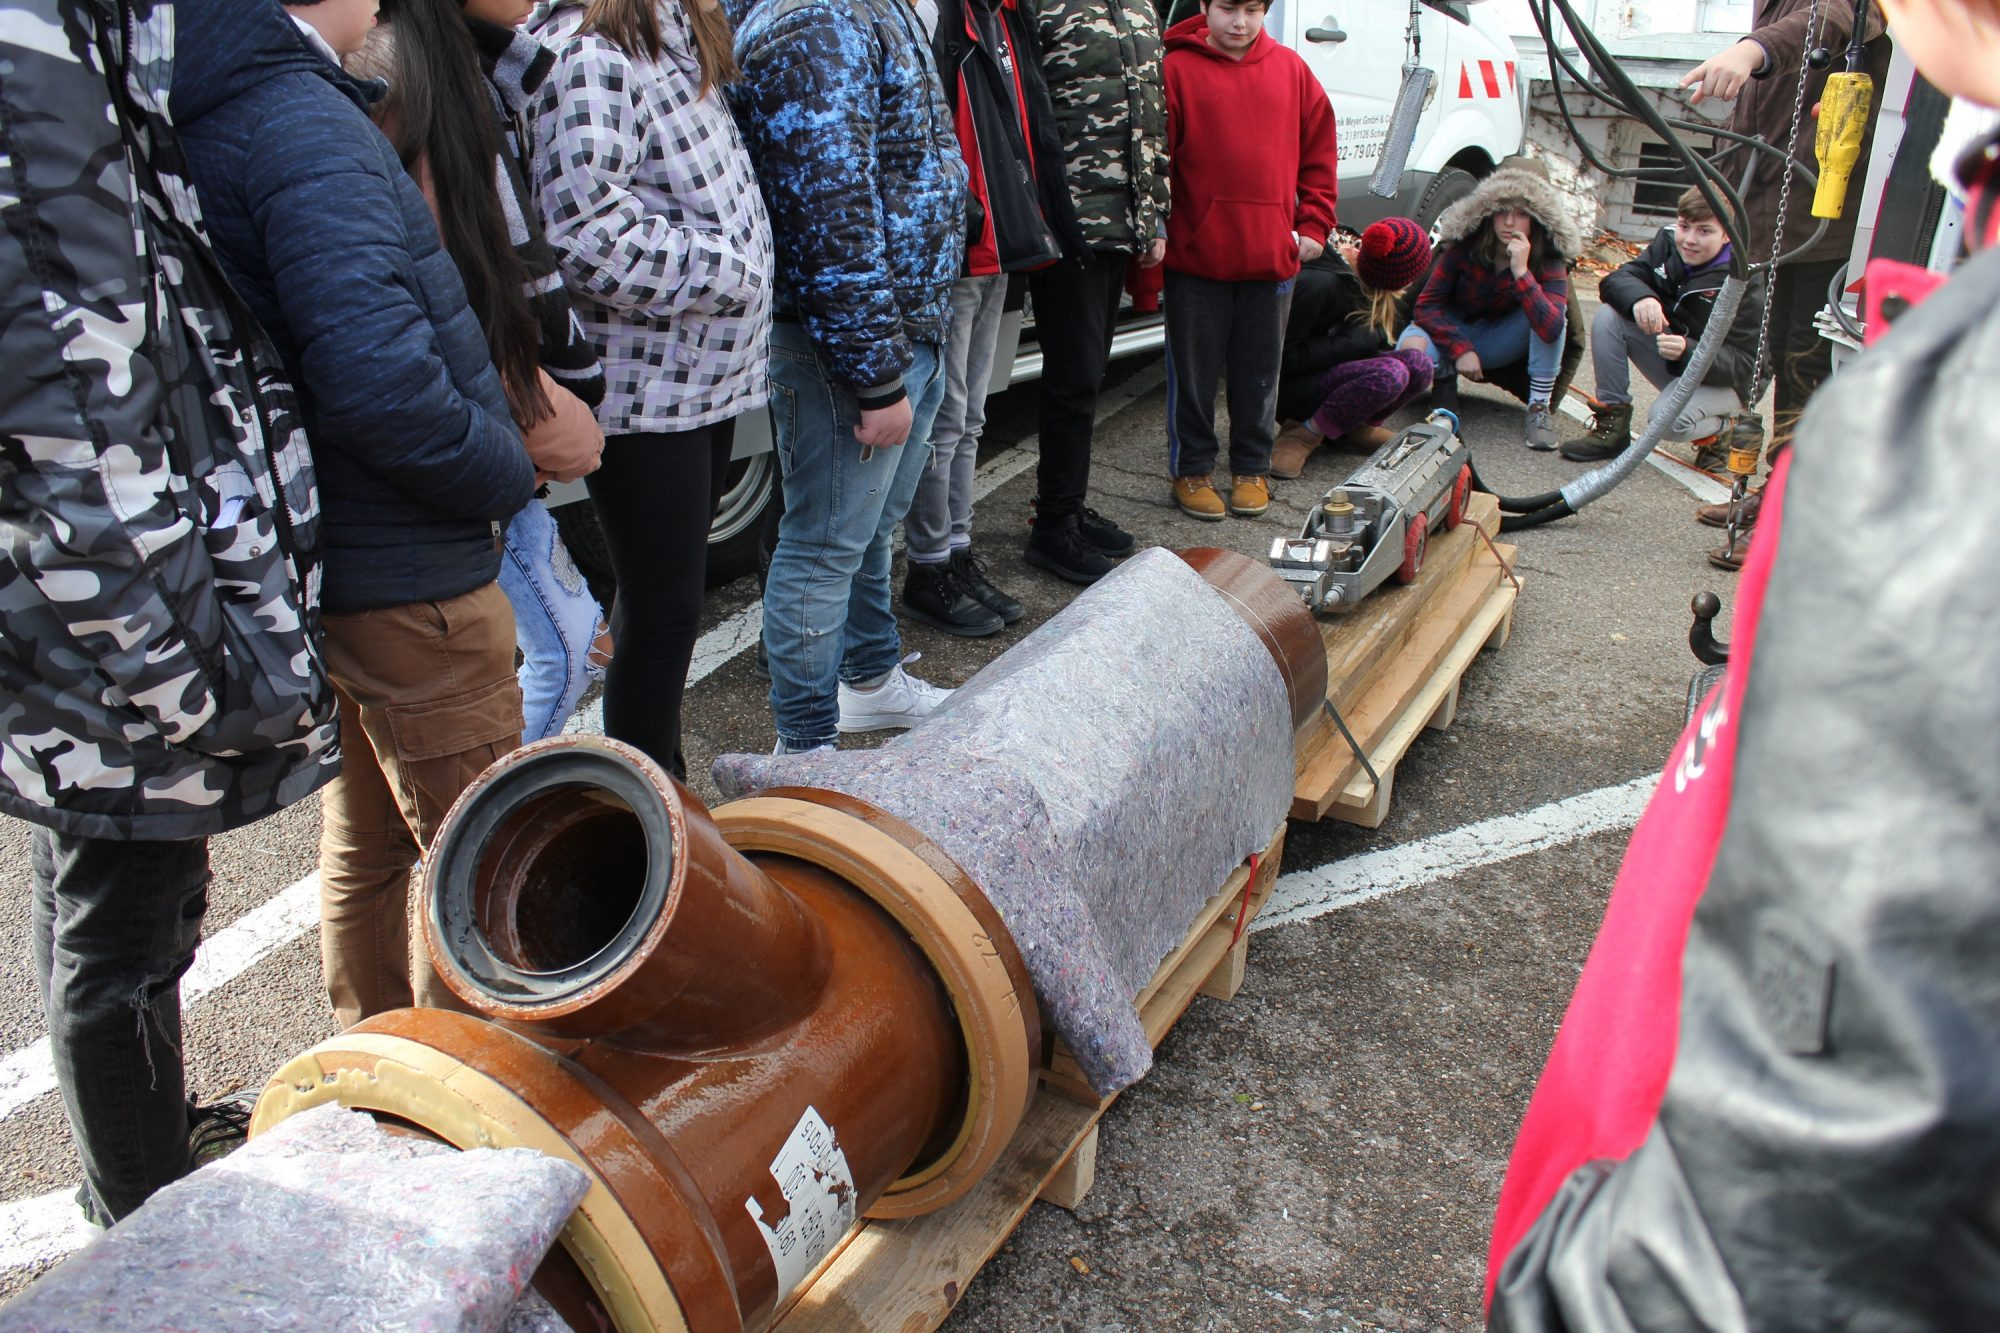 Schau Drauf Schwabach Ausstellung Kanalroboter C Tatwort